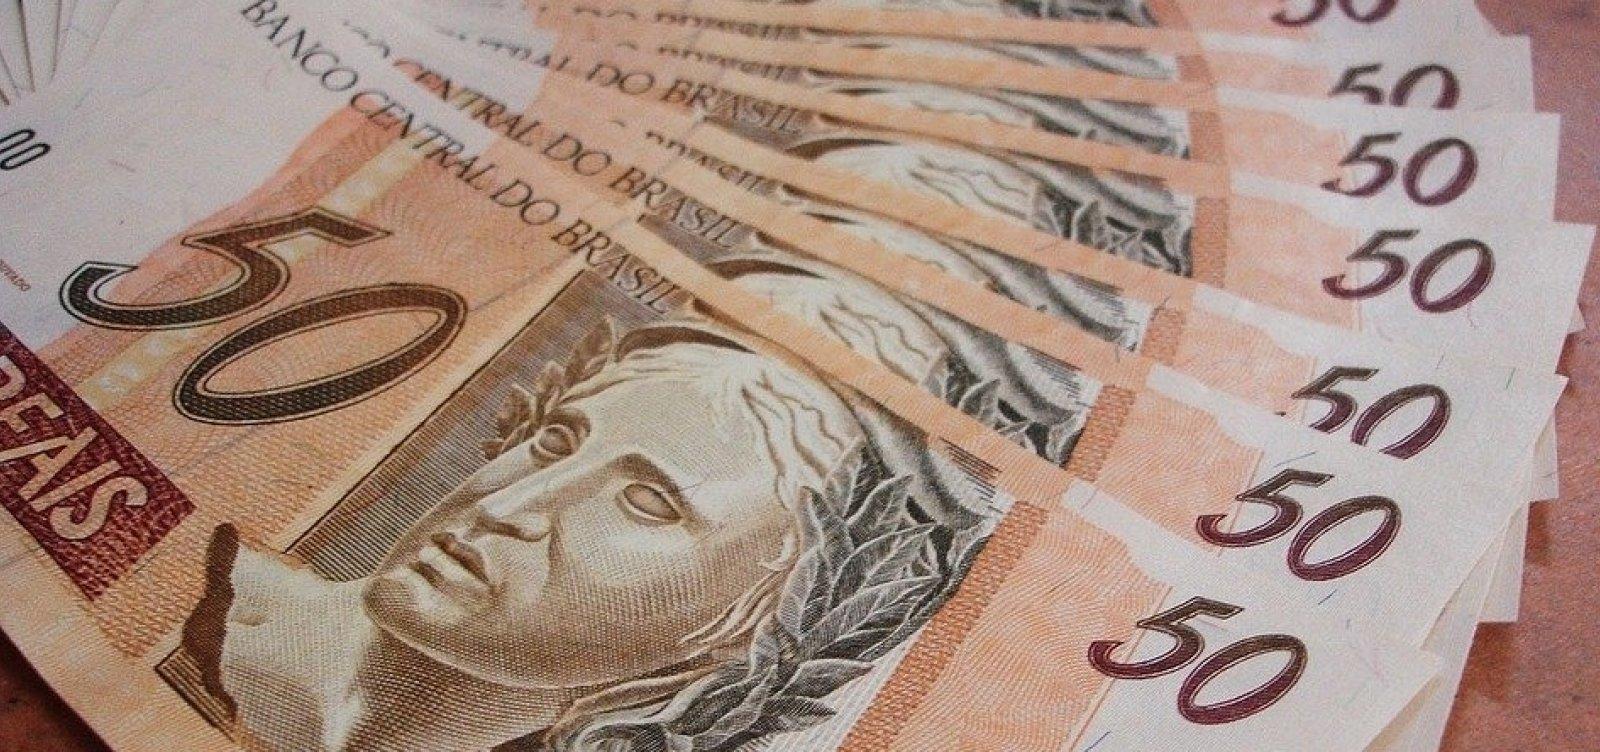 [Isenção do IOF sobre concessão de empréstimo é prorrogada até outubro]